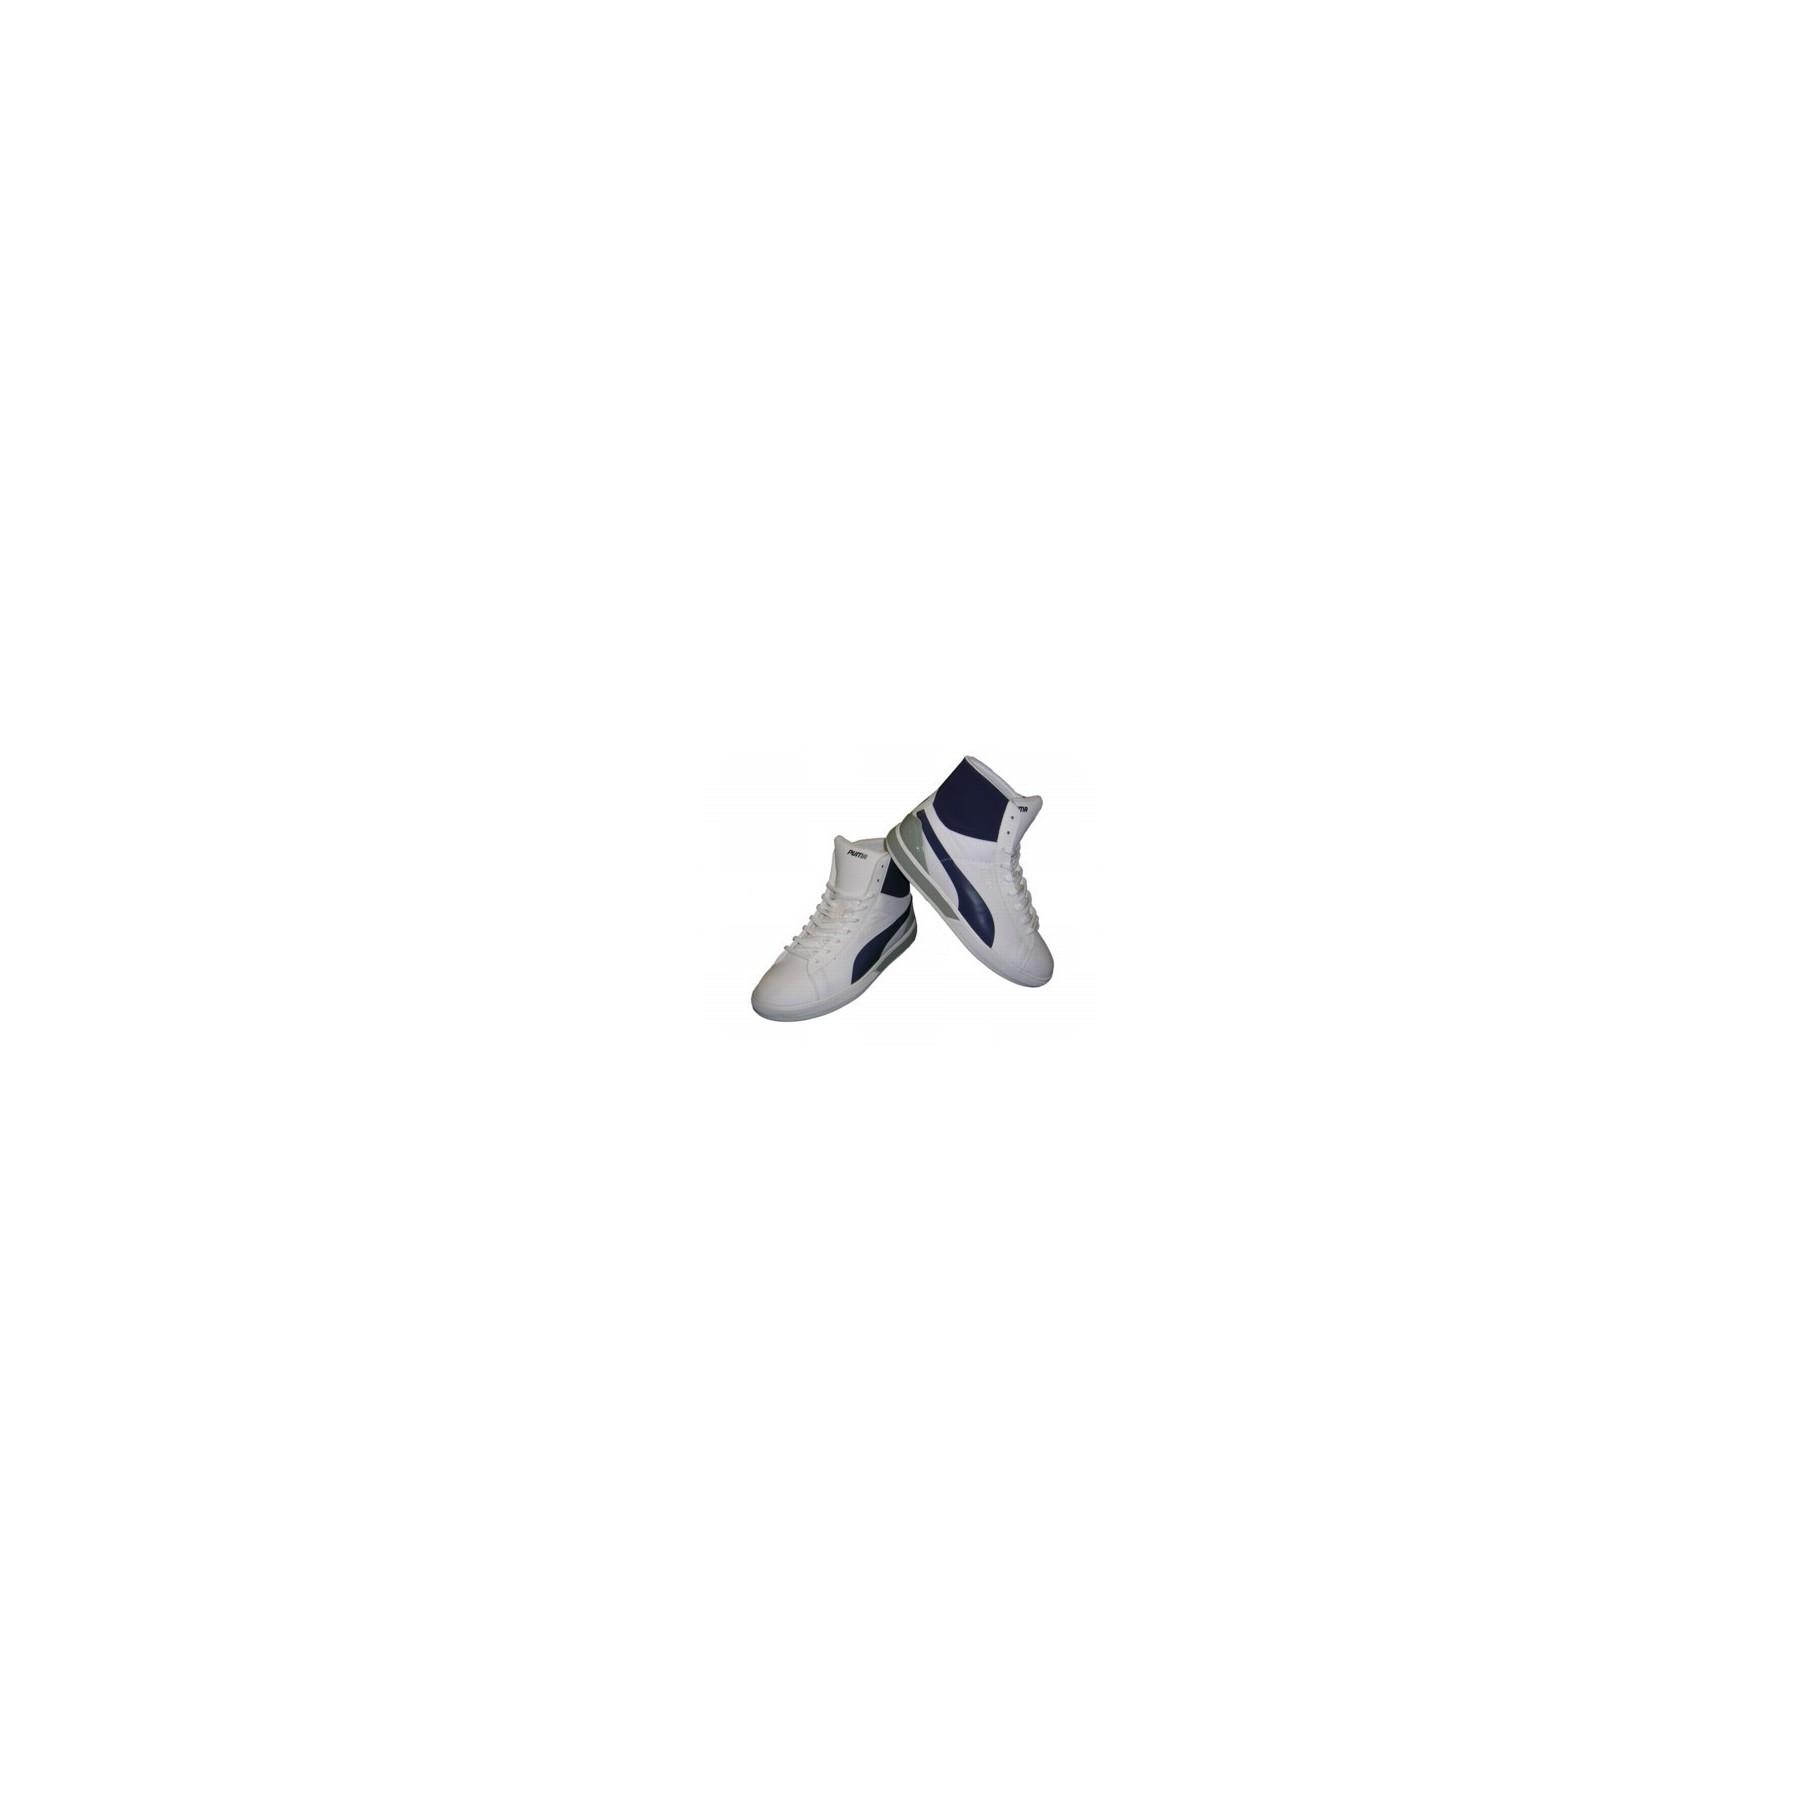 Future Whitenavy Unico Shoes Alta Puma Mid Lite Suede Scarpa nwO8X0ZkNP